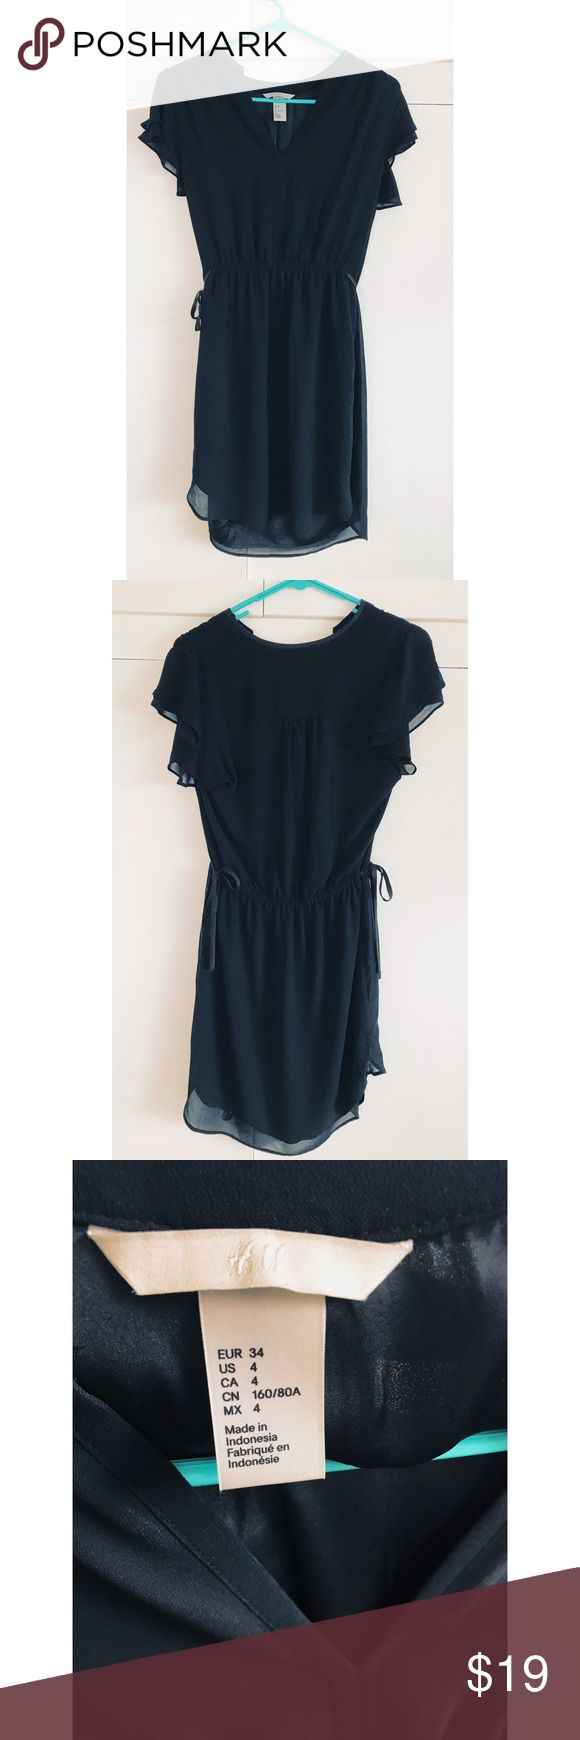 Black Chiffon Dress H&M Black Chiffon Dress. Size 4. H&M Dresses